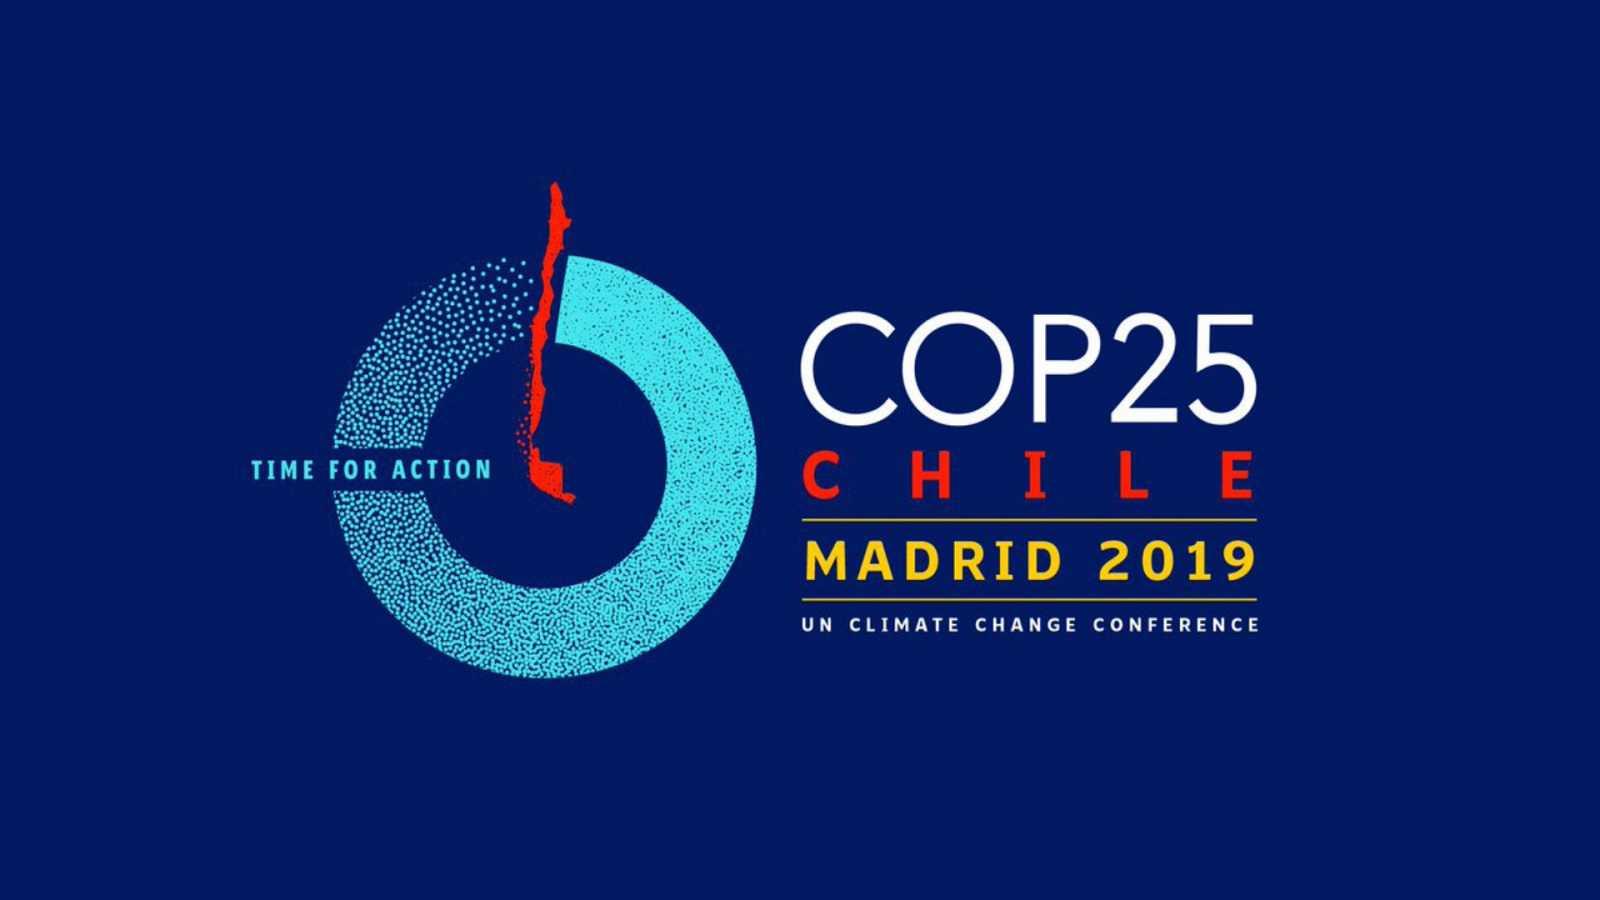 cop25 cumbre clima 2019 madrid